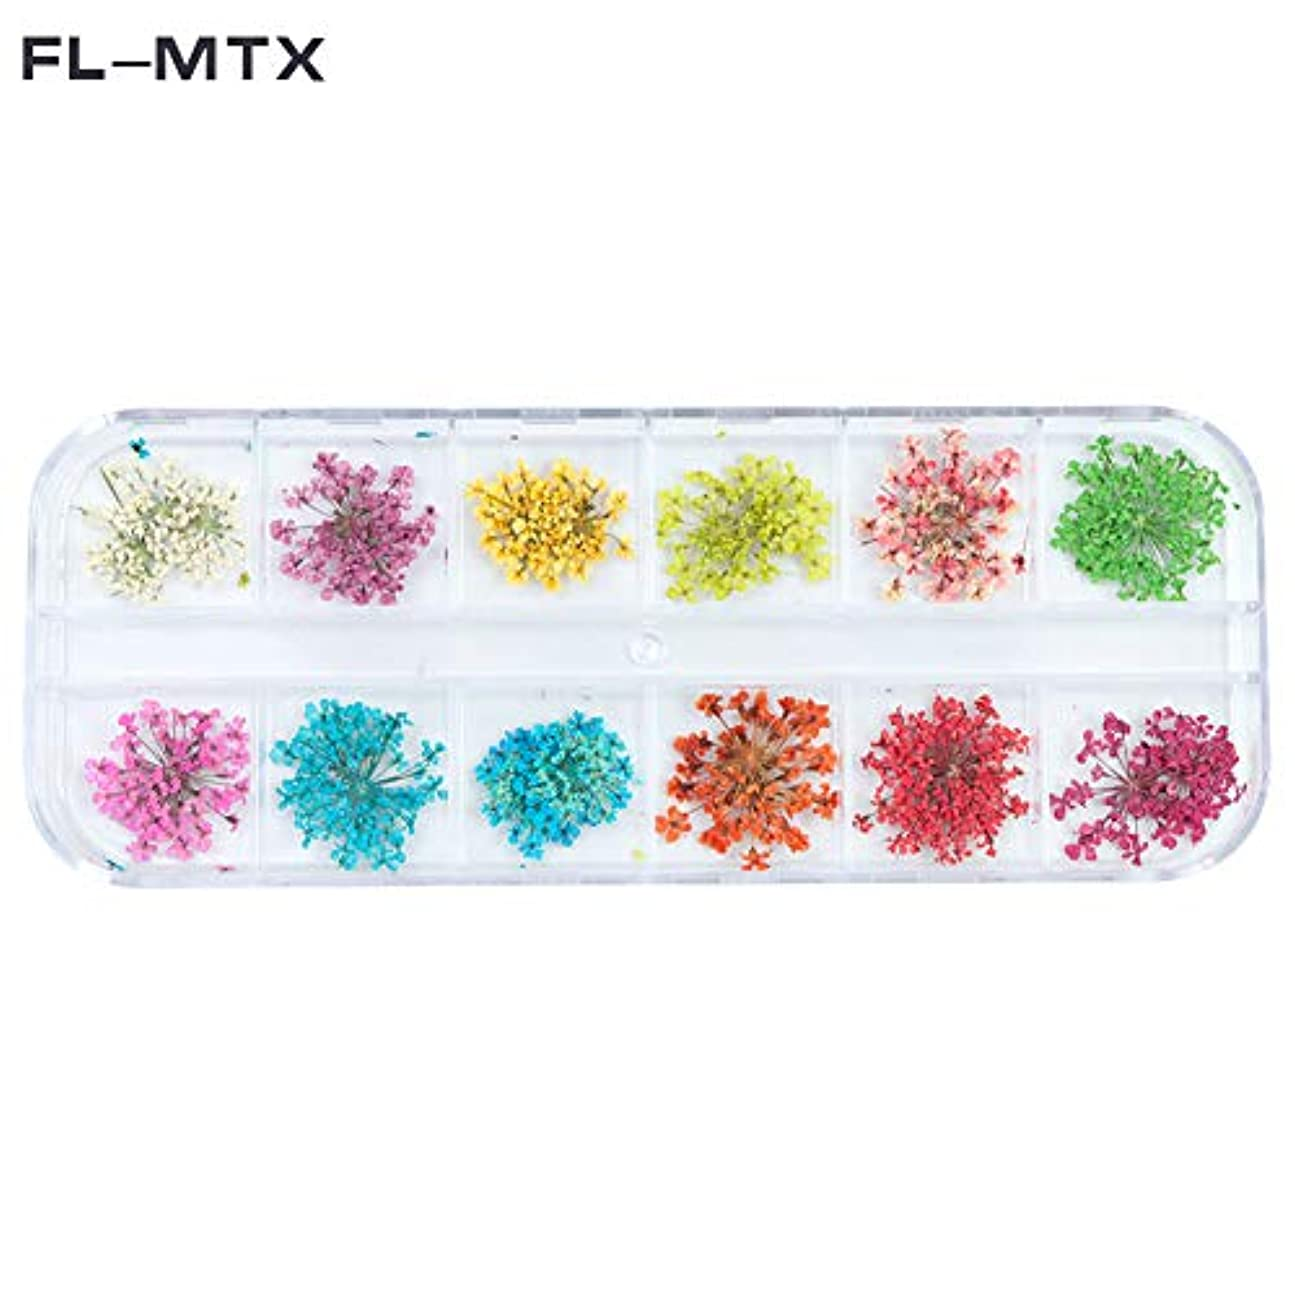 宇宙承認する刺激する1パックのネイルジュエリードライフラワーdiyクラフト(fl-mtx)の3dフラワーネイル装飾用ドライネイル用品の12色違い